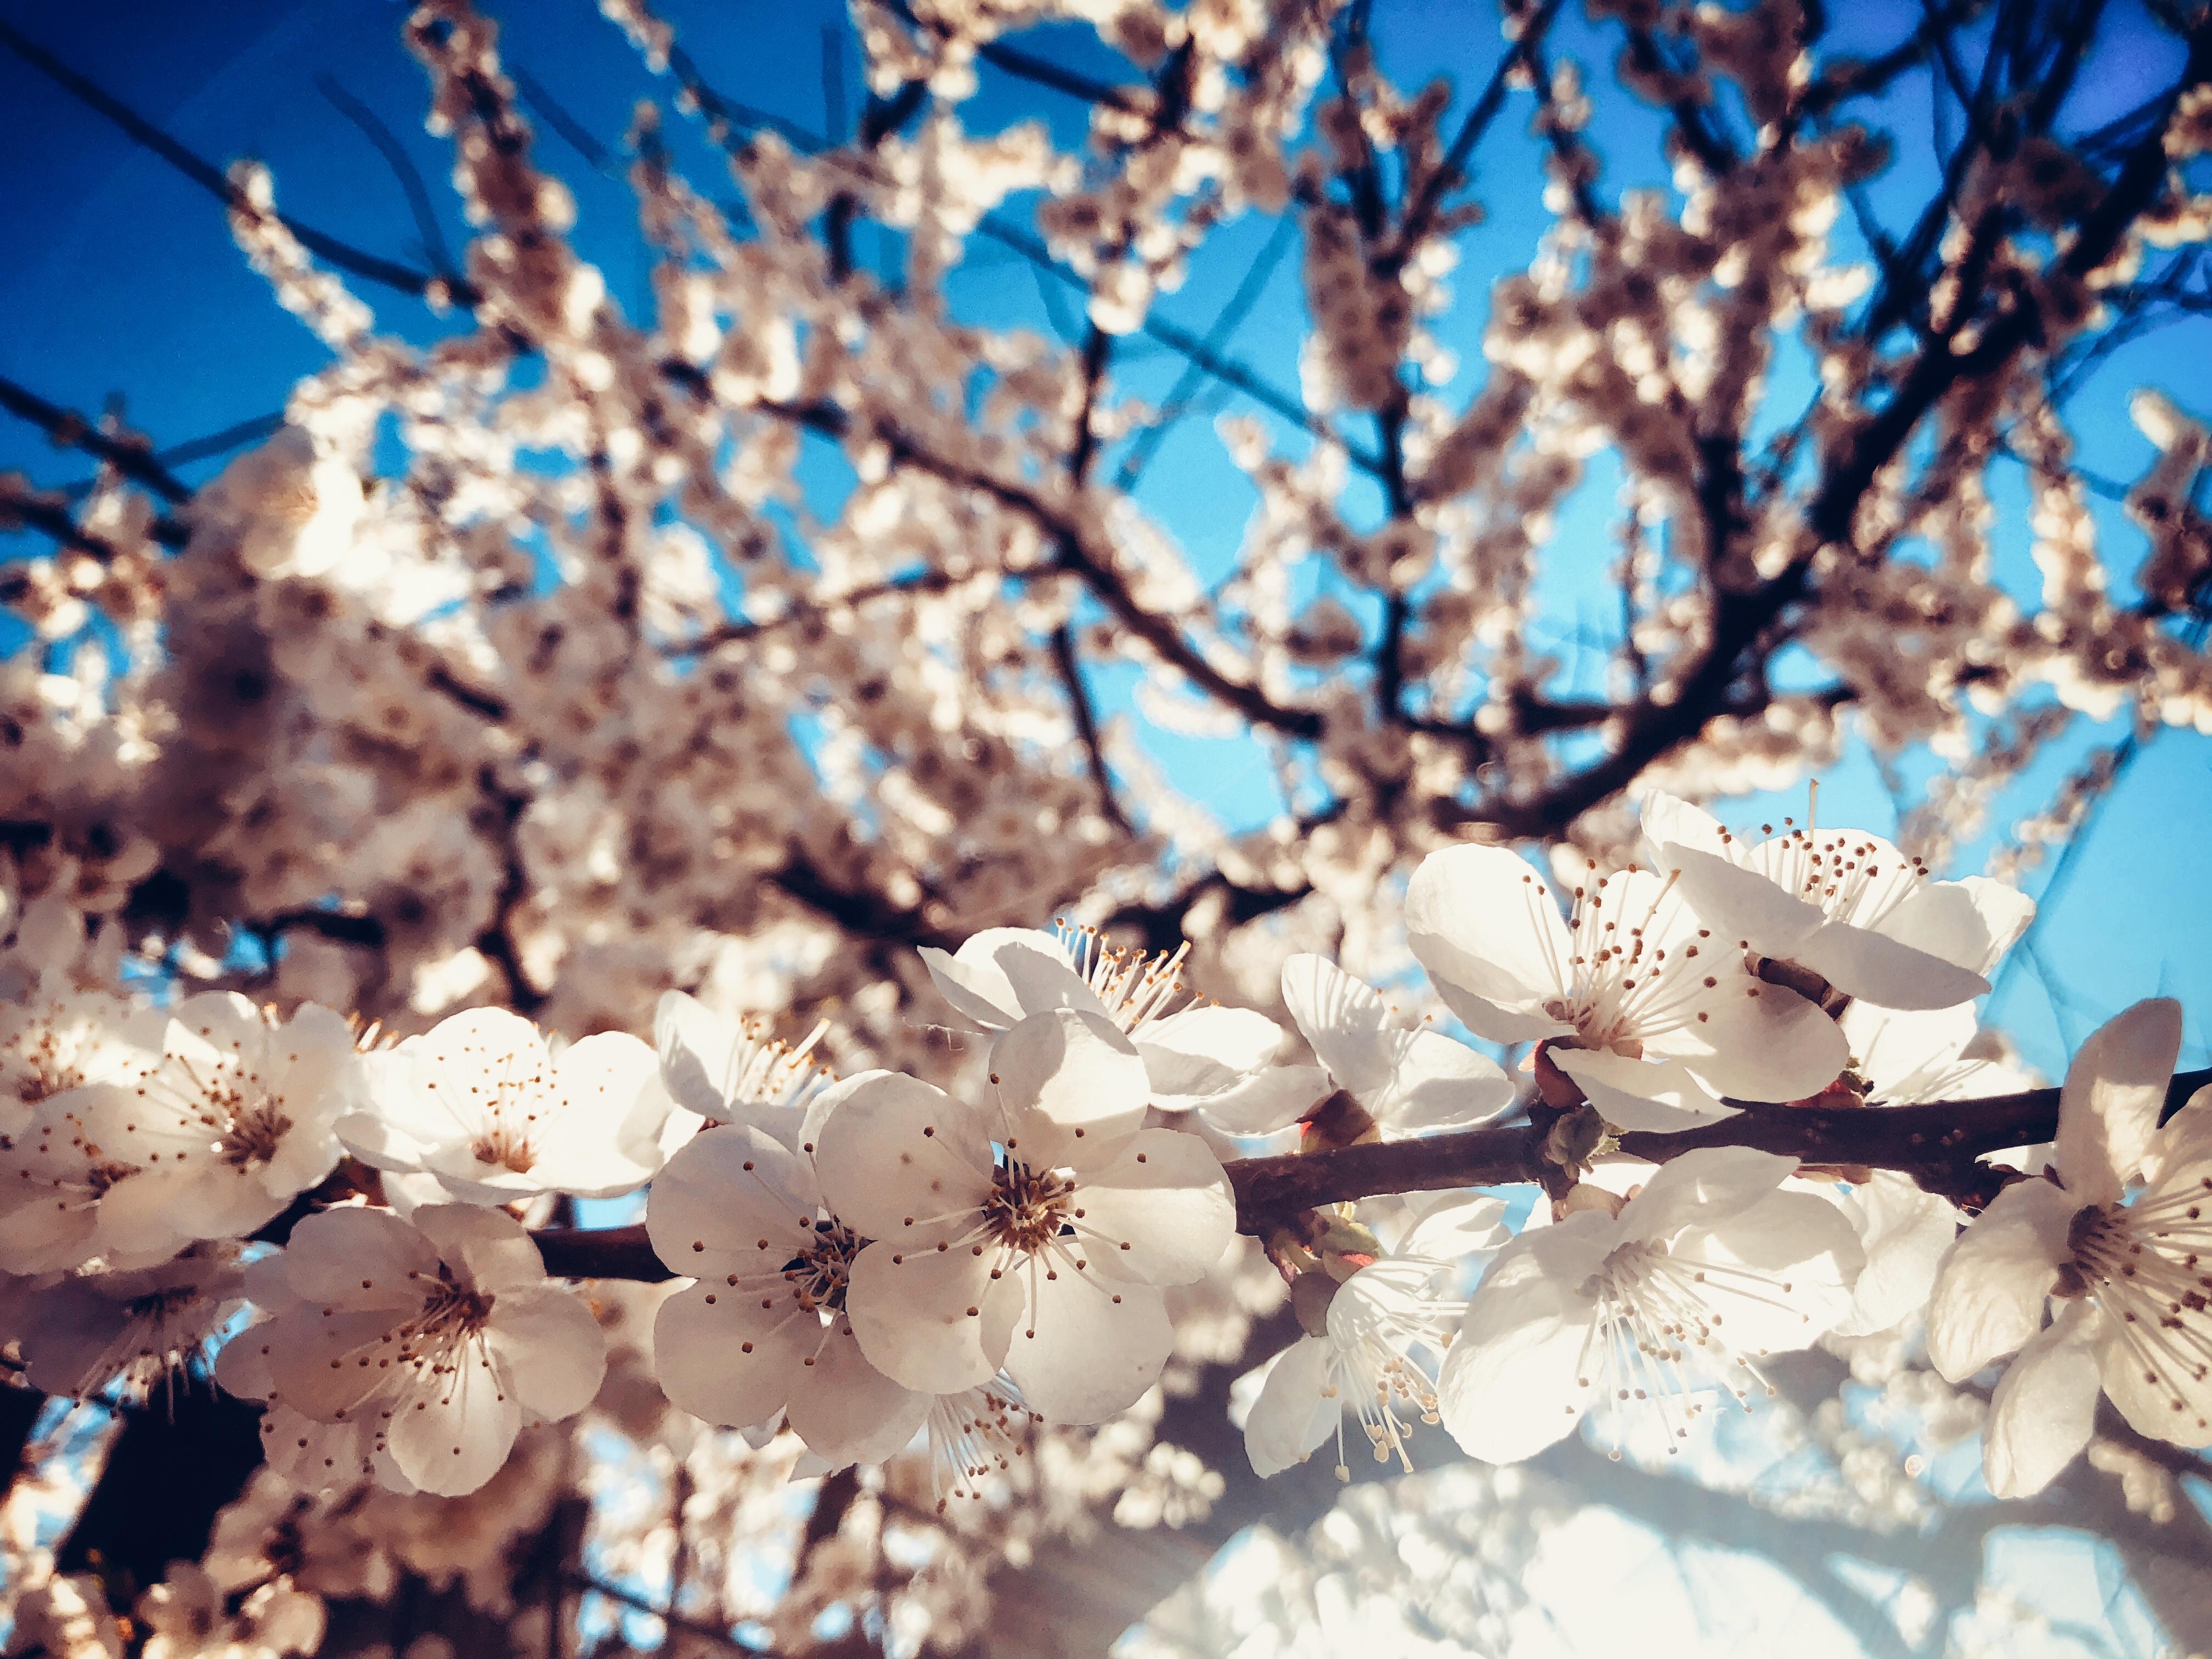 無料画像 春 開花する 空 ブランチ 桜の花 木 工場 小枝